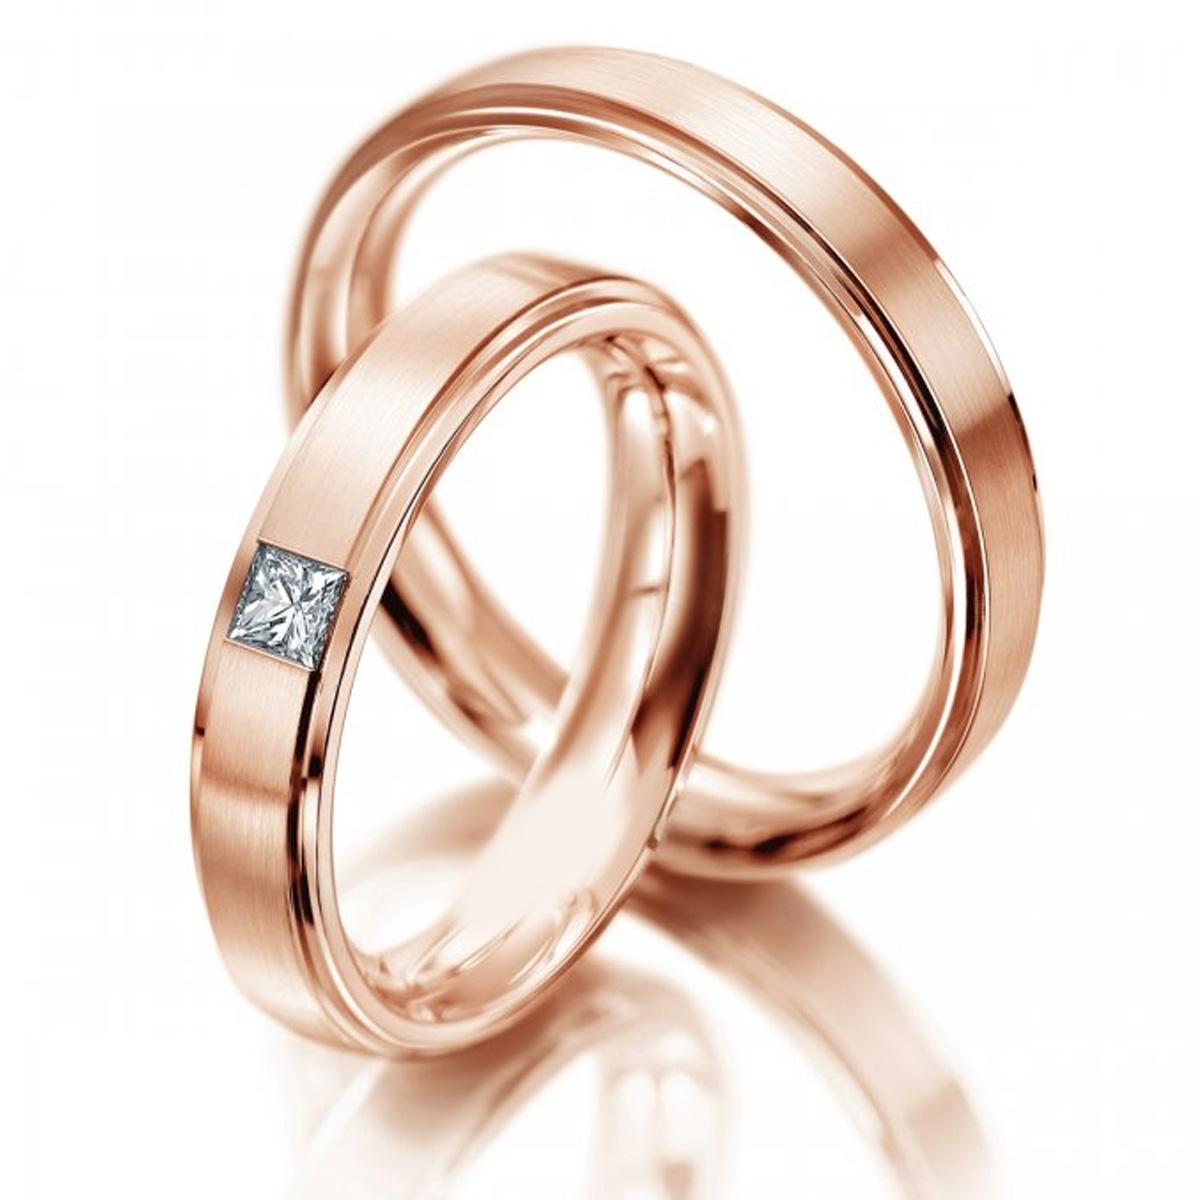 Aliança em Ouro 18k Niteroi de Casamento